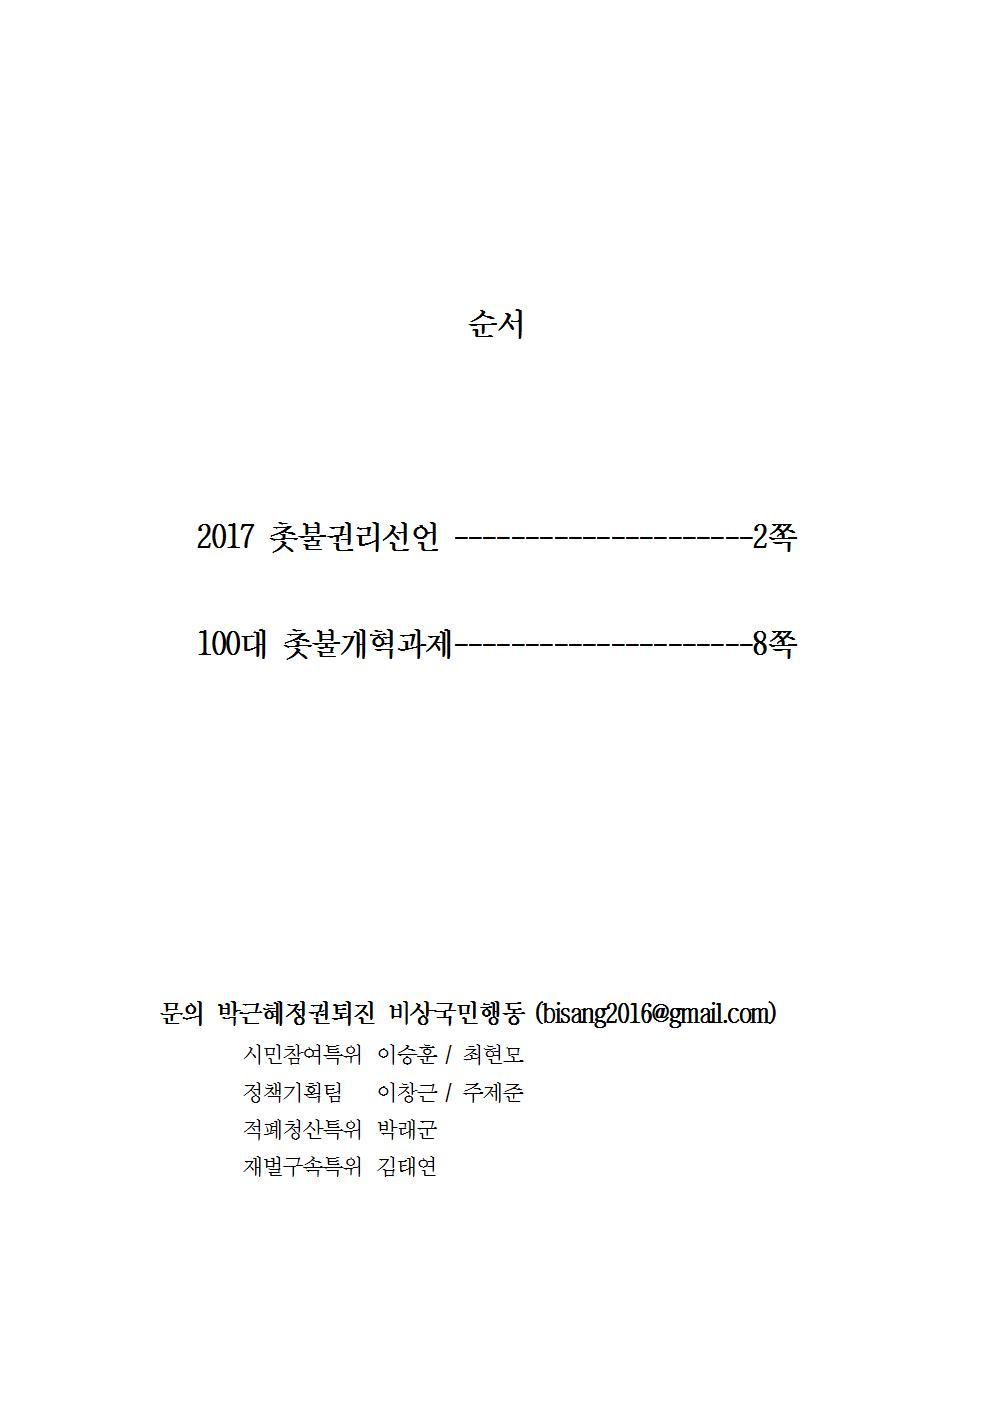 20170311_퇴진행동_촛불권리선언_100대개혁과제(표지)002.jpg